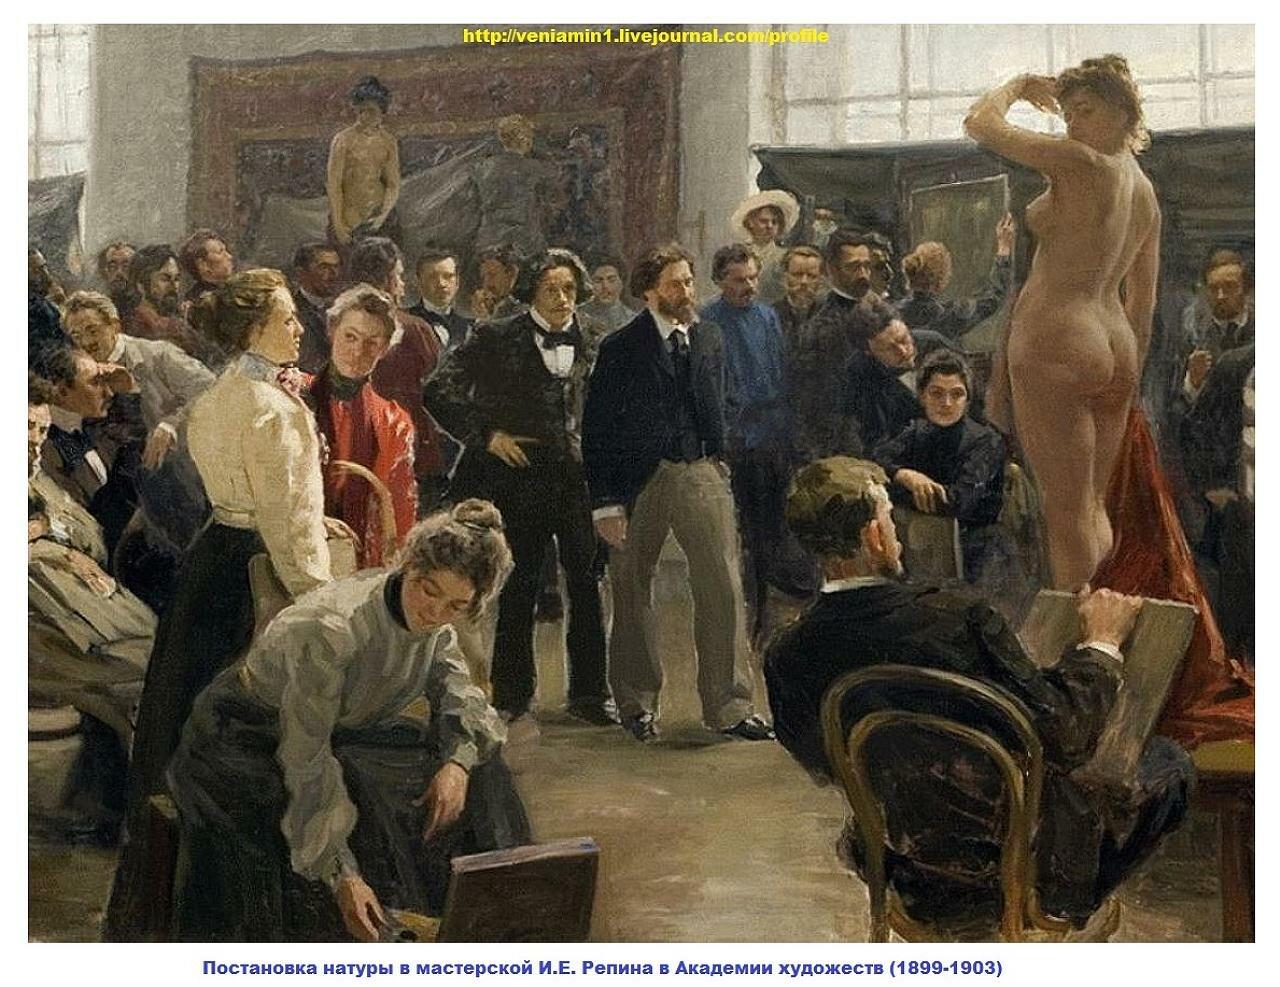 Постановка натуры в мастерской И.Е. Репина в Академии художеств (1899-1903) мастерская